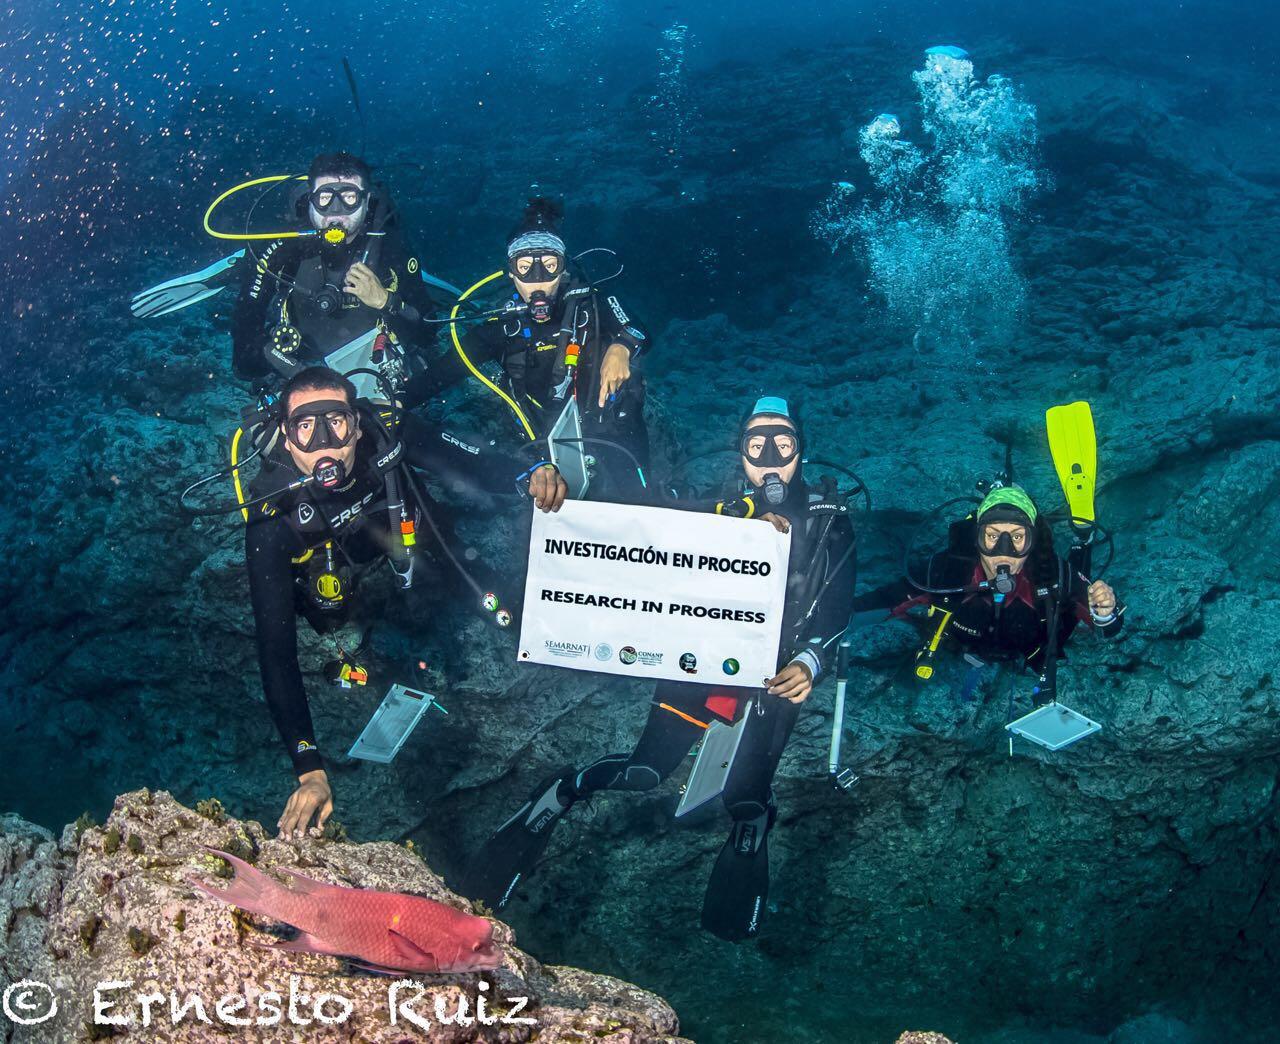 La CONANP y la Universidad Autónoma de Baja California Sur realizaron el primer monitoreo después de que el Archipiélago de Revillagigedo fuera decretado Parque Nacional